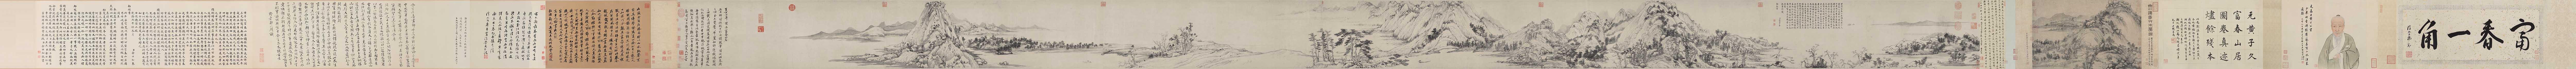 《富春山居图》全卷超高清图片赏析(1)